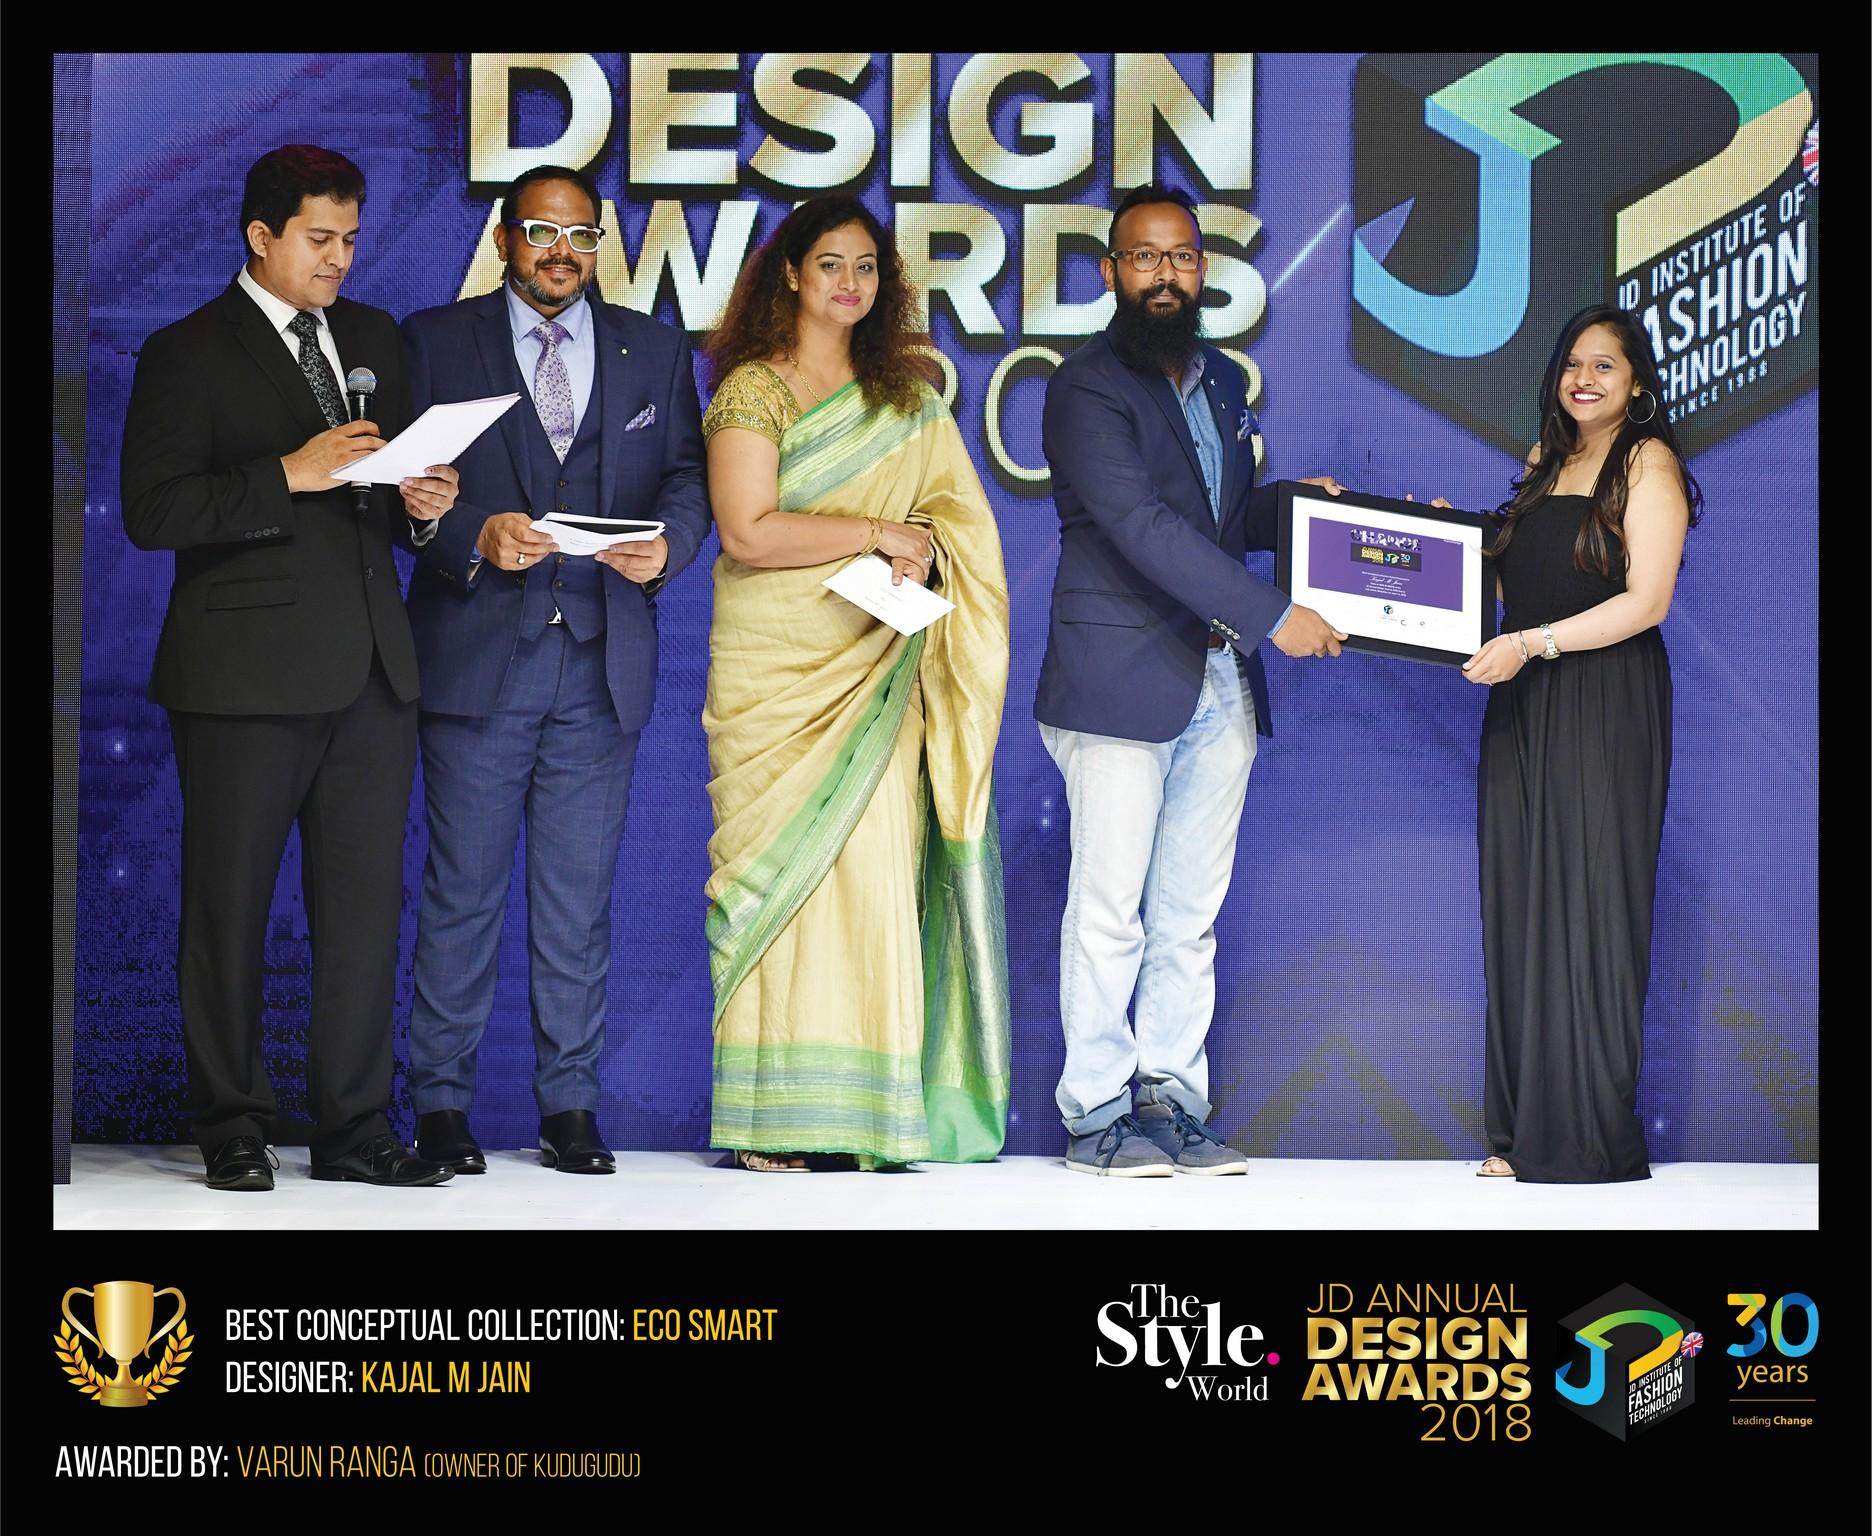 Eco Smart – Change – JD Annual Design Awards 2018 | Designer: Kajal Jain (ADFD 2015) | Photography : Jerin Nath (@jerin_nath) eco smart Eco Smart – Change – JD Annual Design Awards 2018 7